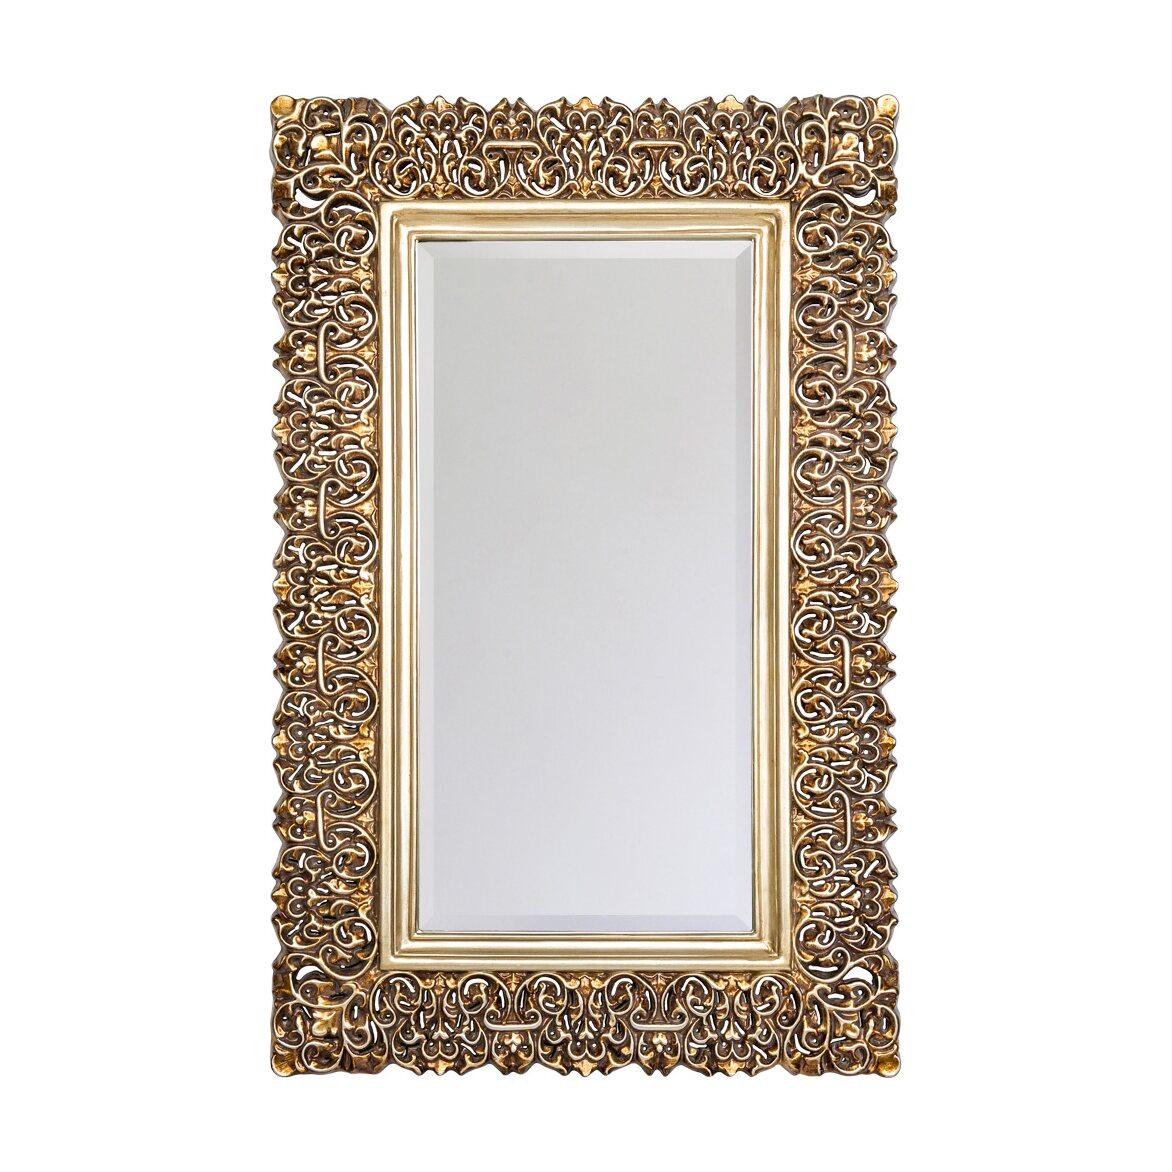 Настенное зеркало «Багдад»   Настенные зеркала Kingsby